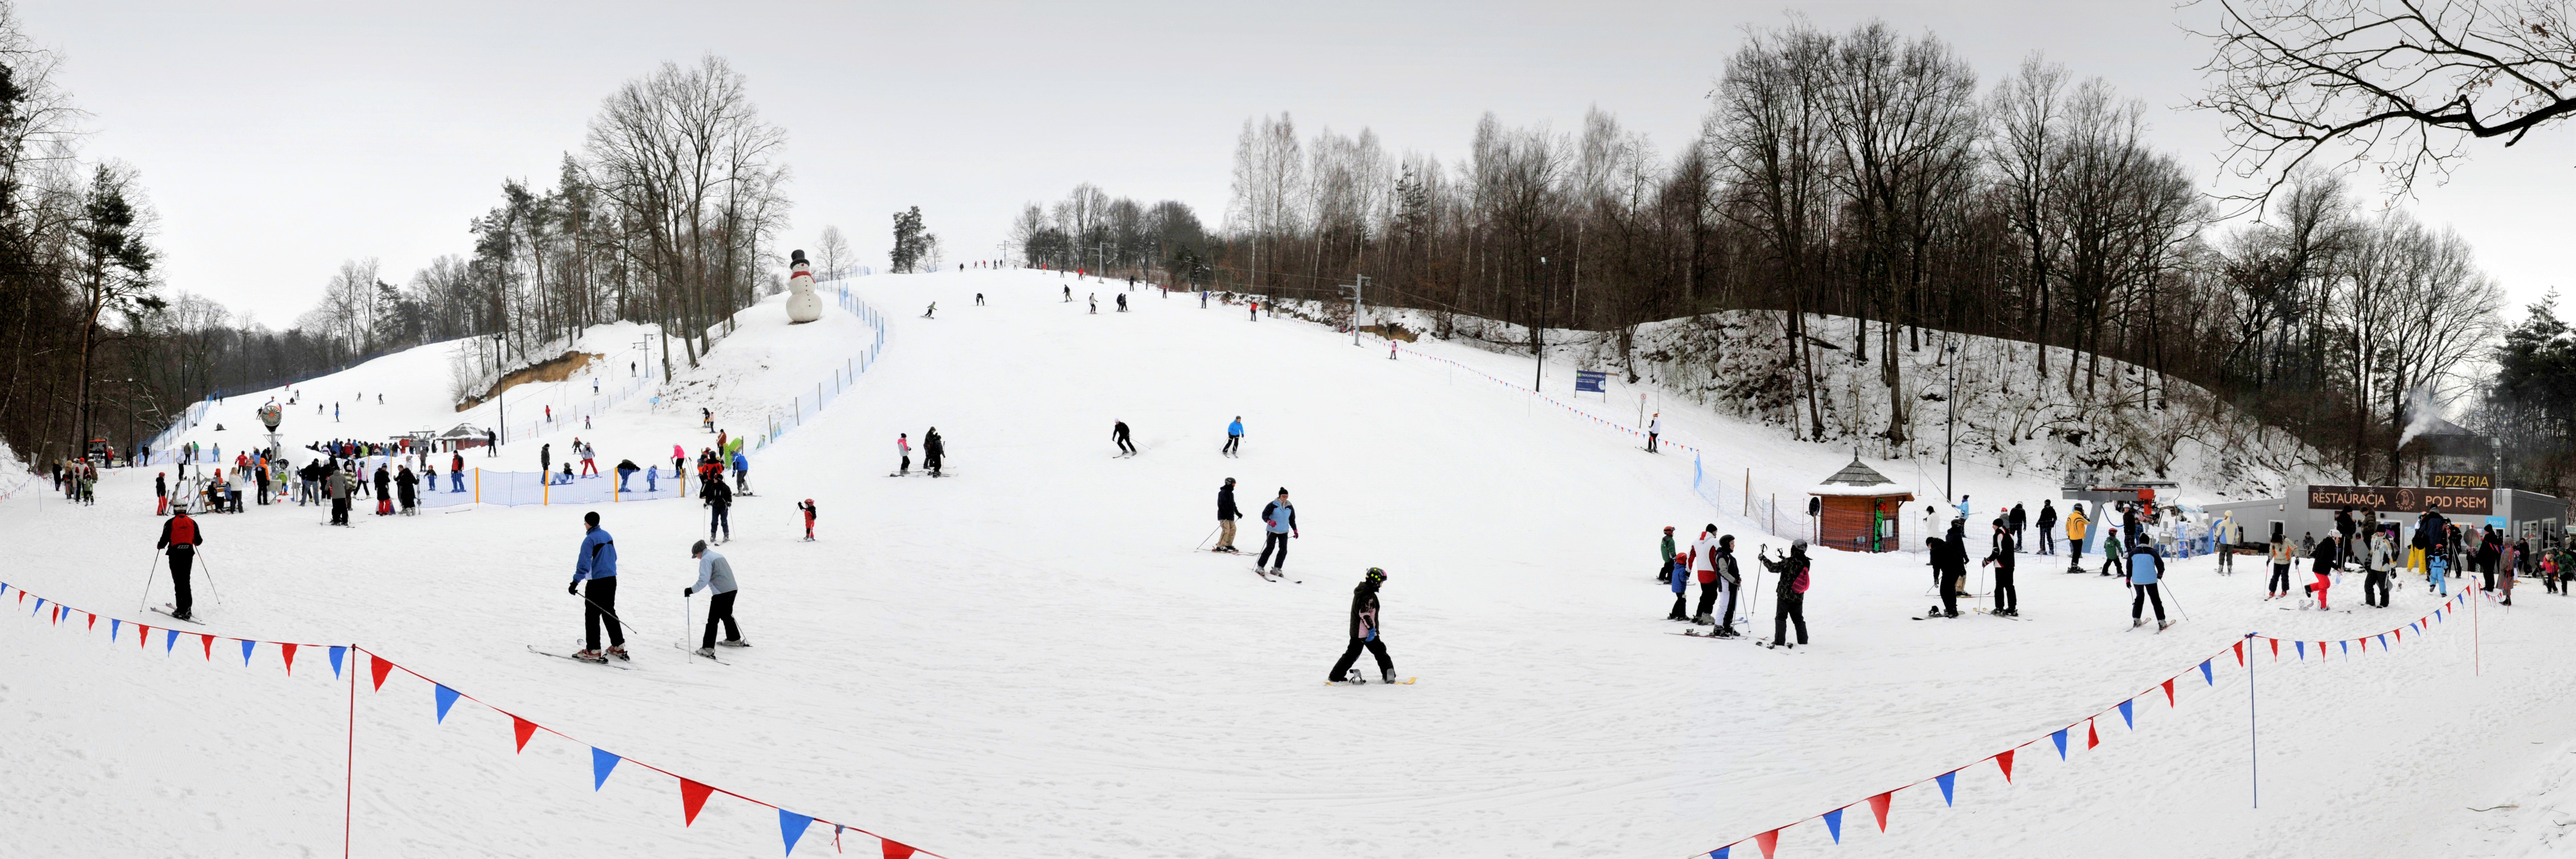 Skiing in Poland Kazimierz Dolny